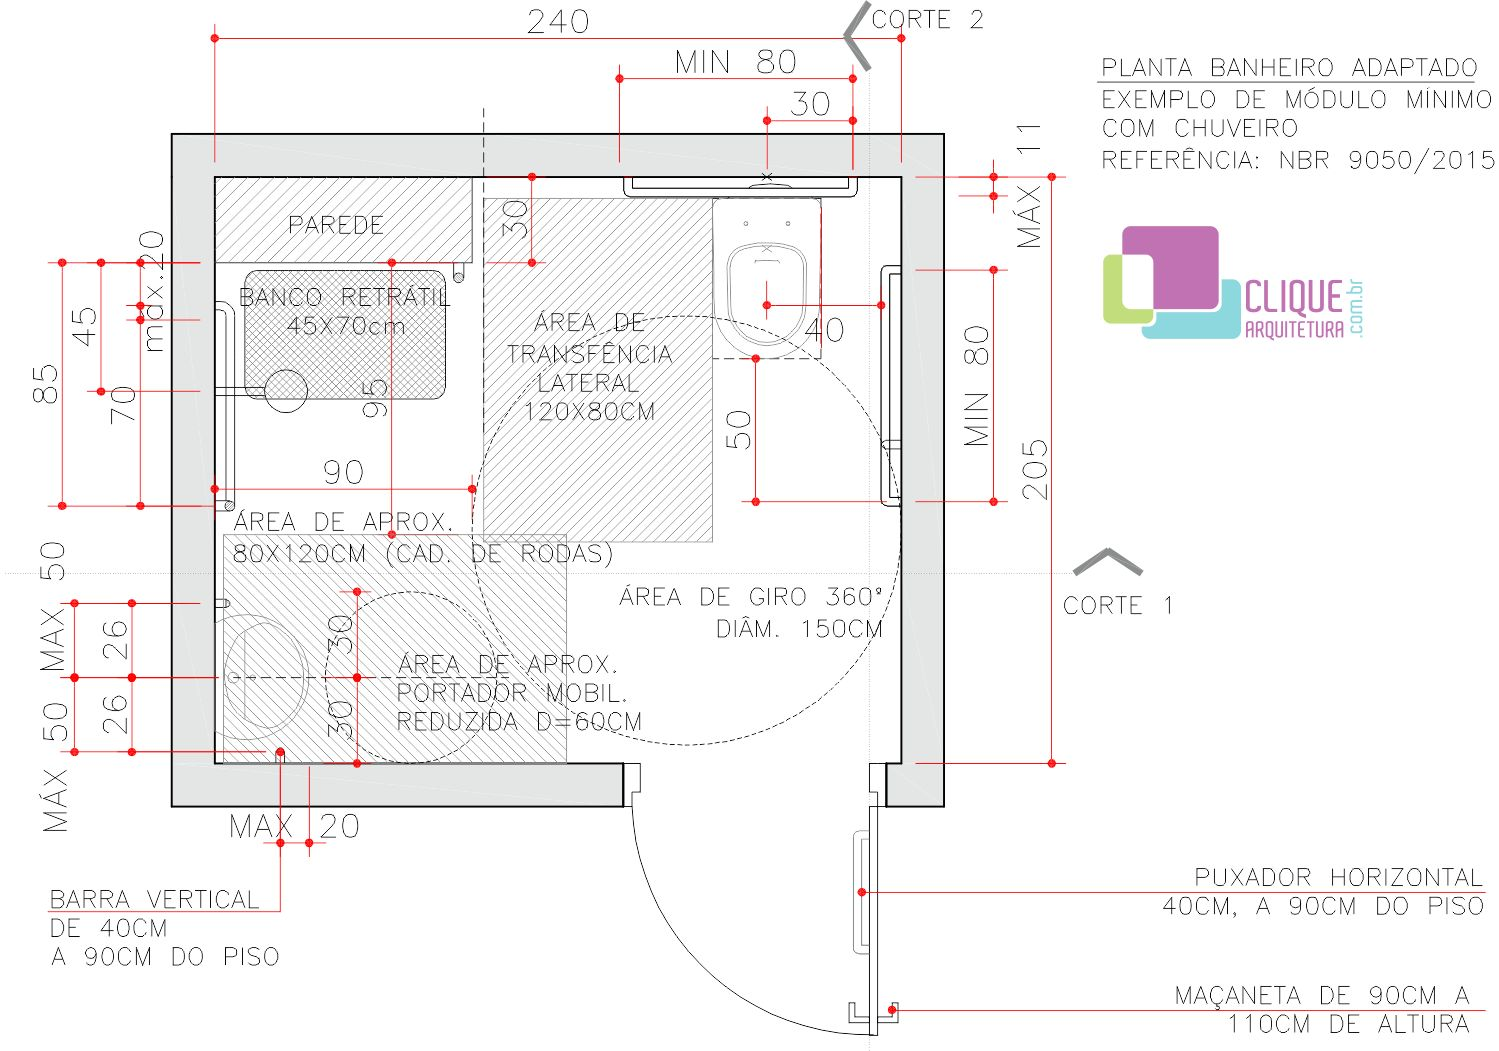 Planta de um banheiro adaptado com bacia lavatório e ducha. Usando  #BA1112 1499 1051